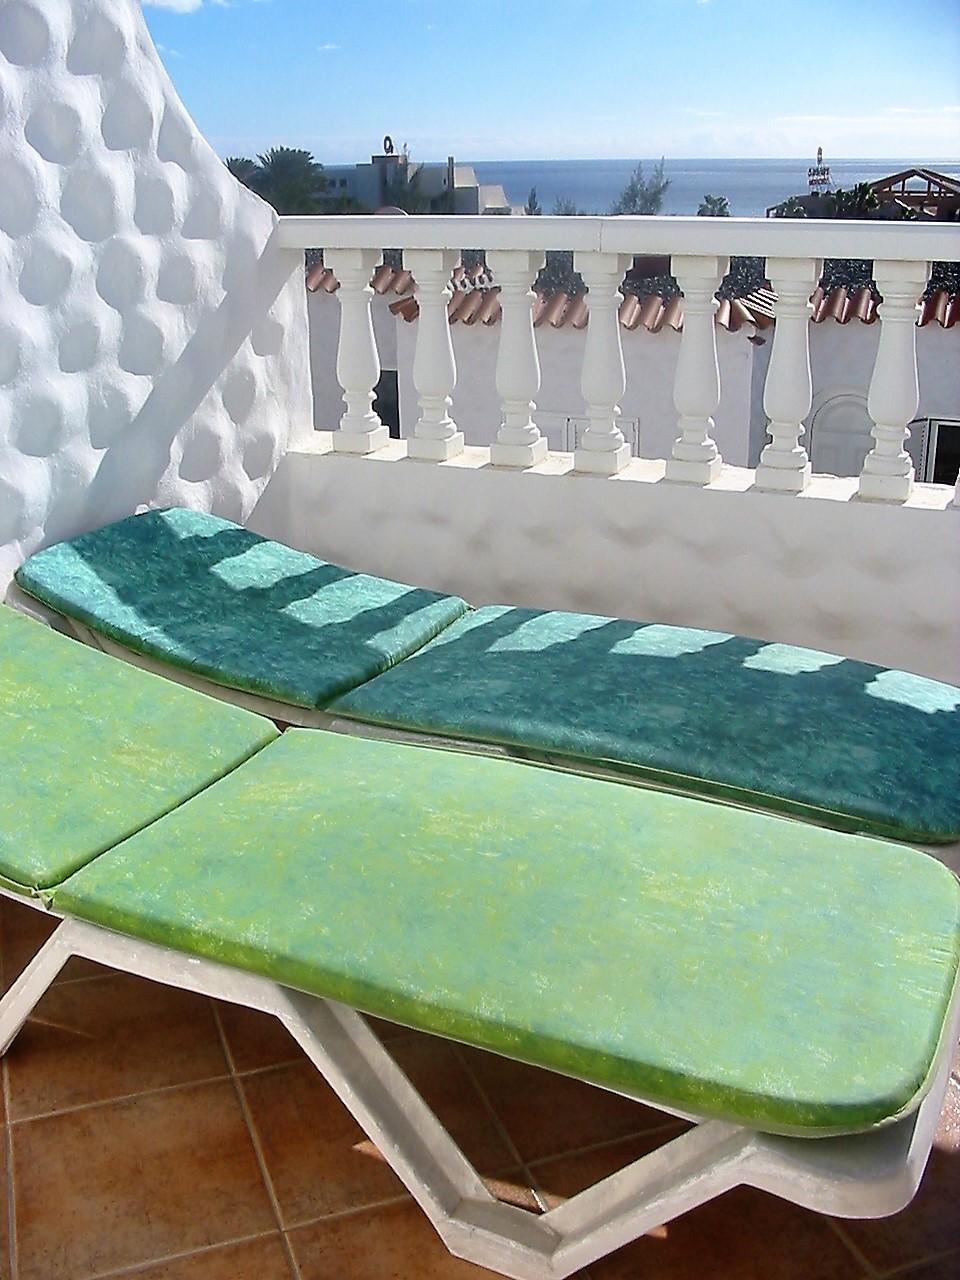 Ferienwohnung Penthouse / Apt. in der besten Gegend von Costa Calma, mit Blick auf eine große Terrasse a (487472), Costa Calma, Fuerteventura, Kanarische Inseln, Spanien, Bild 14